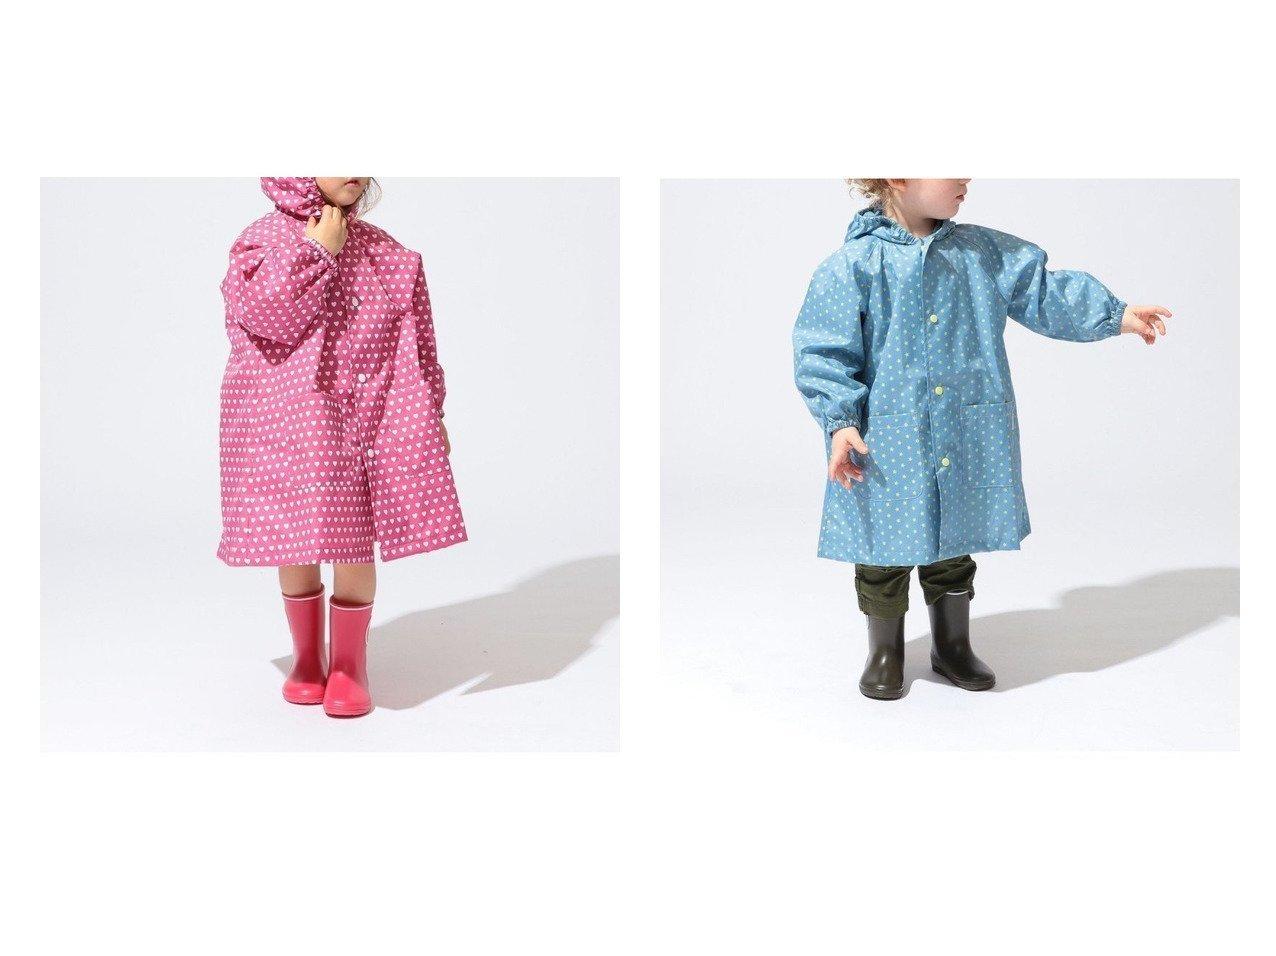 【コドモ ビームス / KIDS/こども ビームス】のこども ビームス b柄 ランドセル コート (90~130cm) KIDS】子供服のおすすめ!人気トレンド・キッズファッションの通販 おすすめで人気の流行・トレンド、ファッションの通販商品 メンズファッション・キッズファッション・インテリア・家具・レディースファッション・服の通販 founy(ファニー) https://founy.com/ ファッション Fashion キッズファッション KIDS 傘 シューズ ジャケット スマート ダッフルコート プリーツ ボックス ポーチ リュック |ID:crp329100000018371